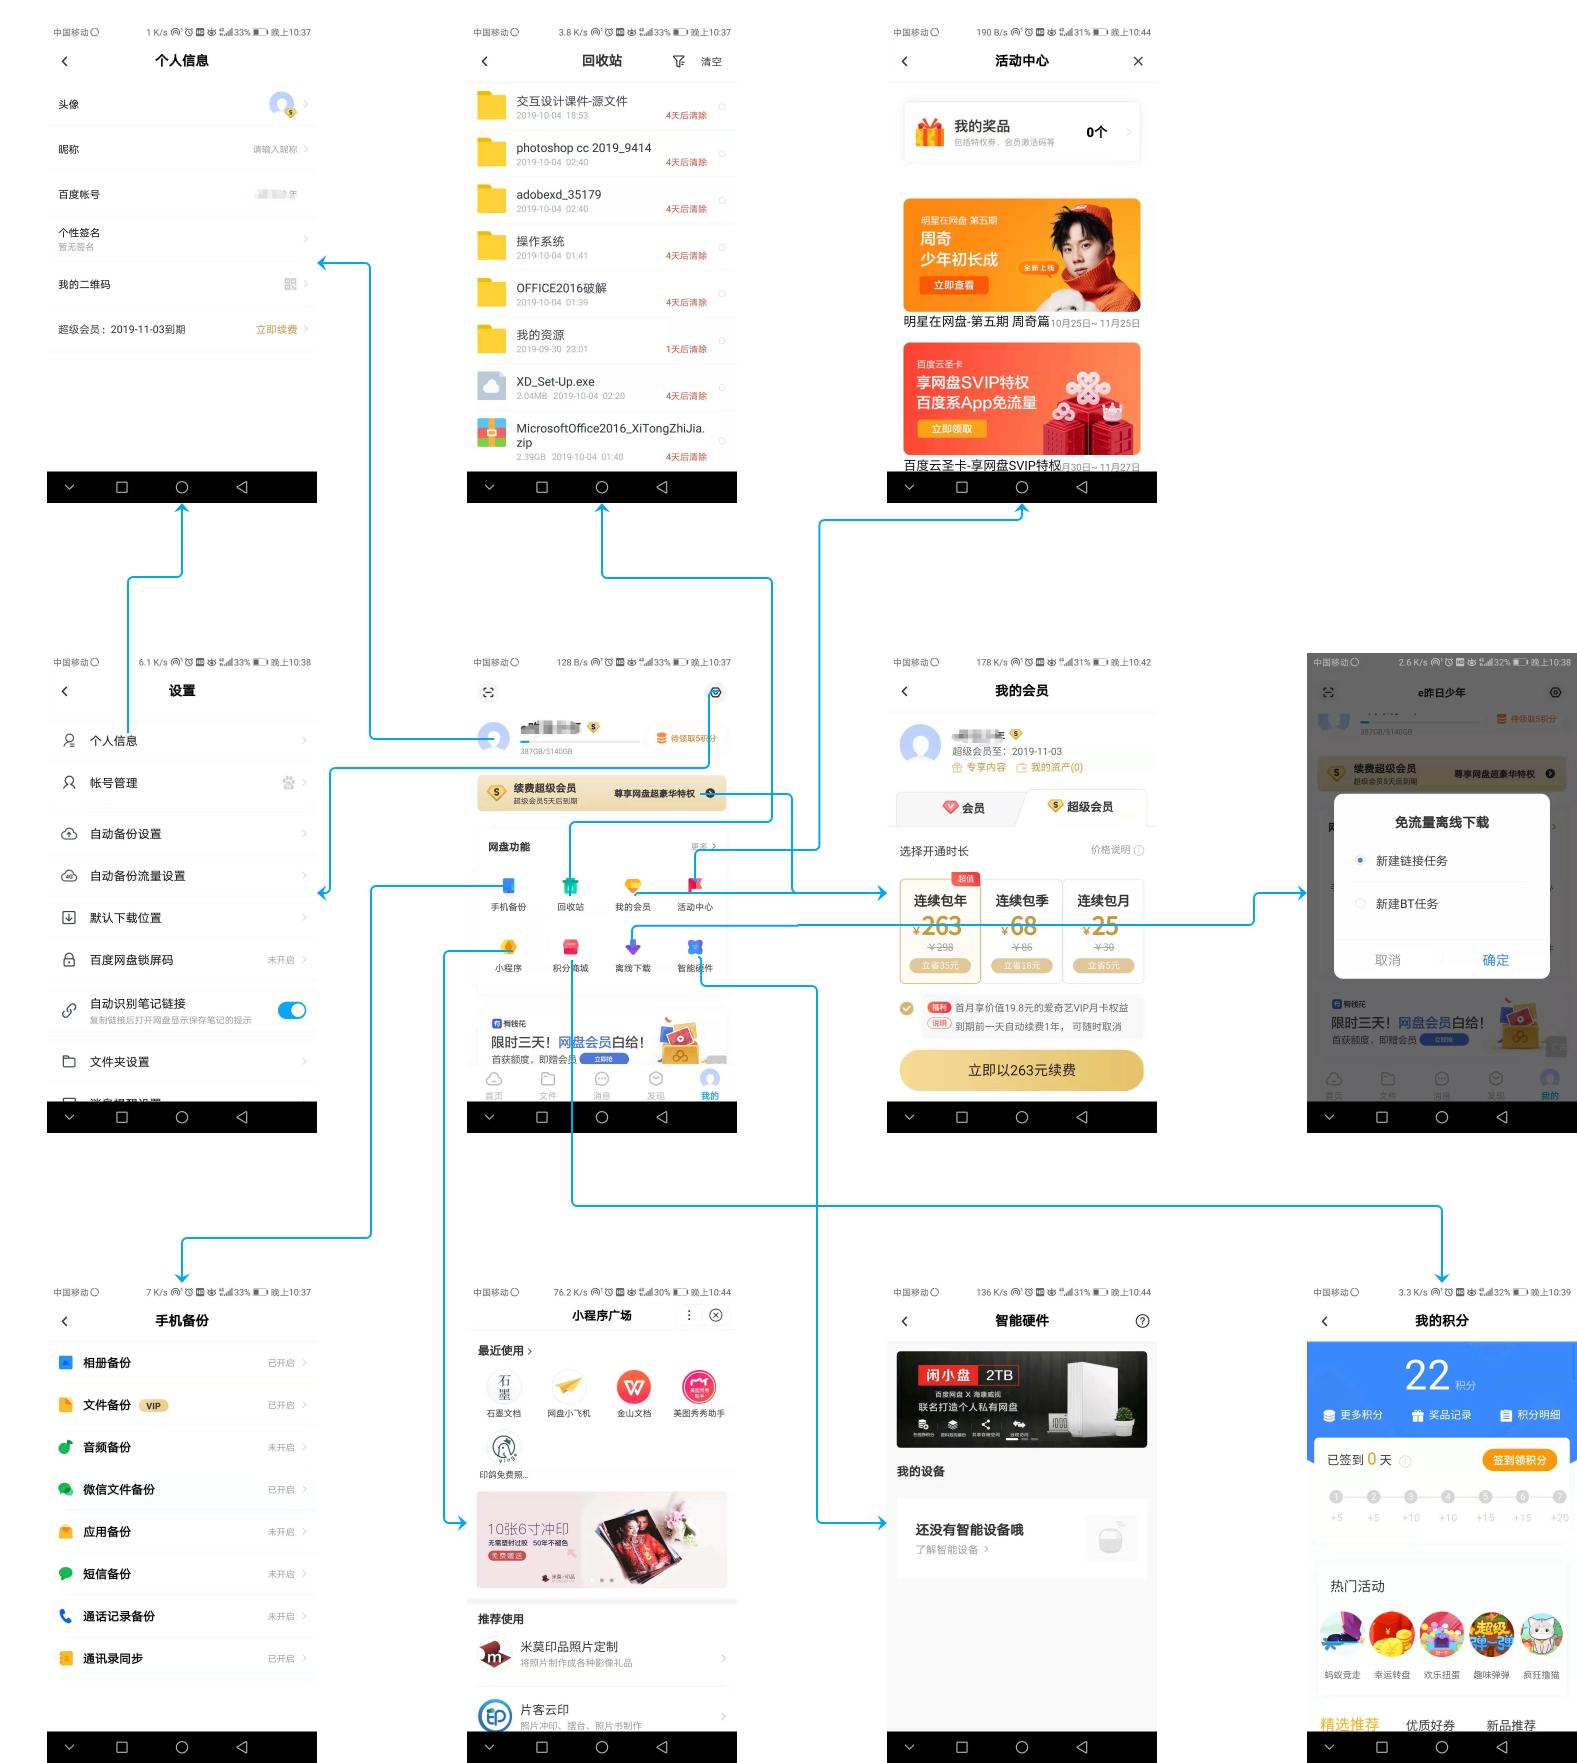 阿里云盘有多大百度网盘产品分析:探索个人云盘行业的发展方向-奇享网